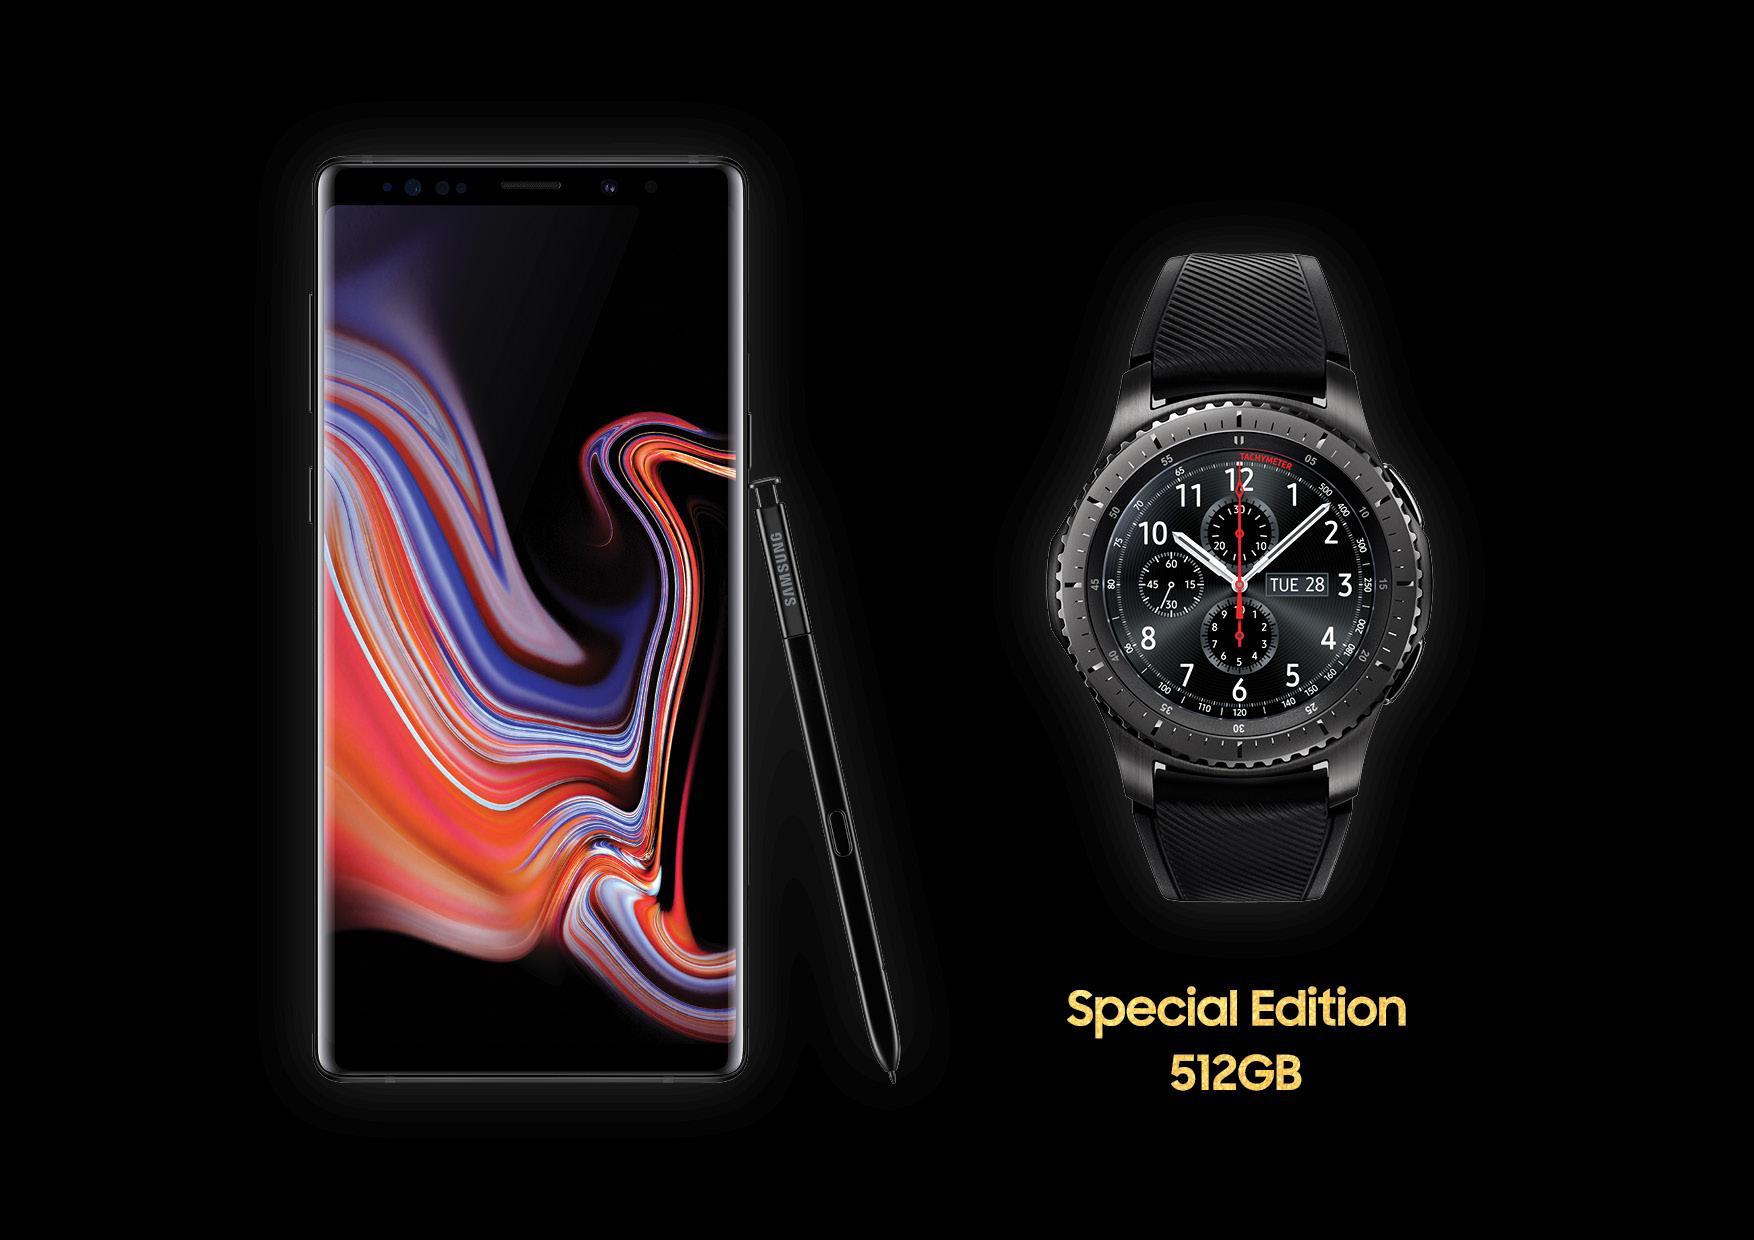 Samsung Galaxy Note9 special edition 1